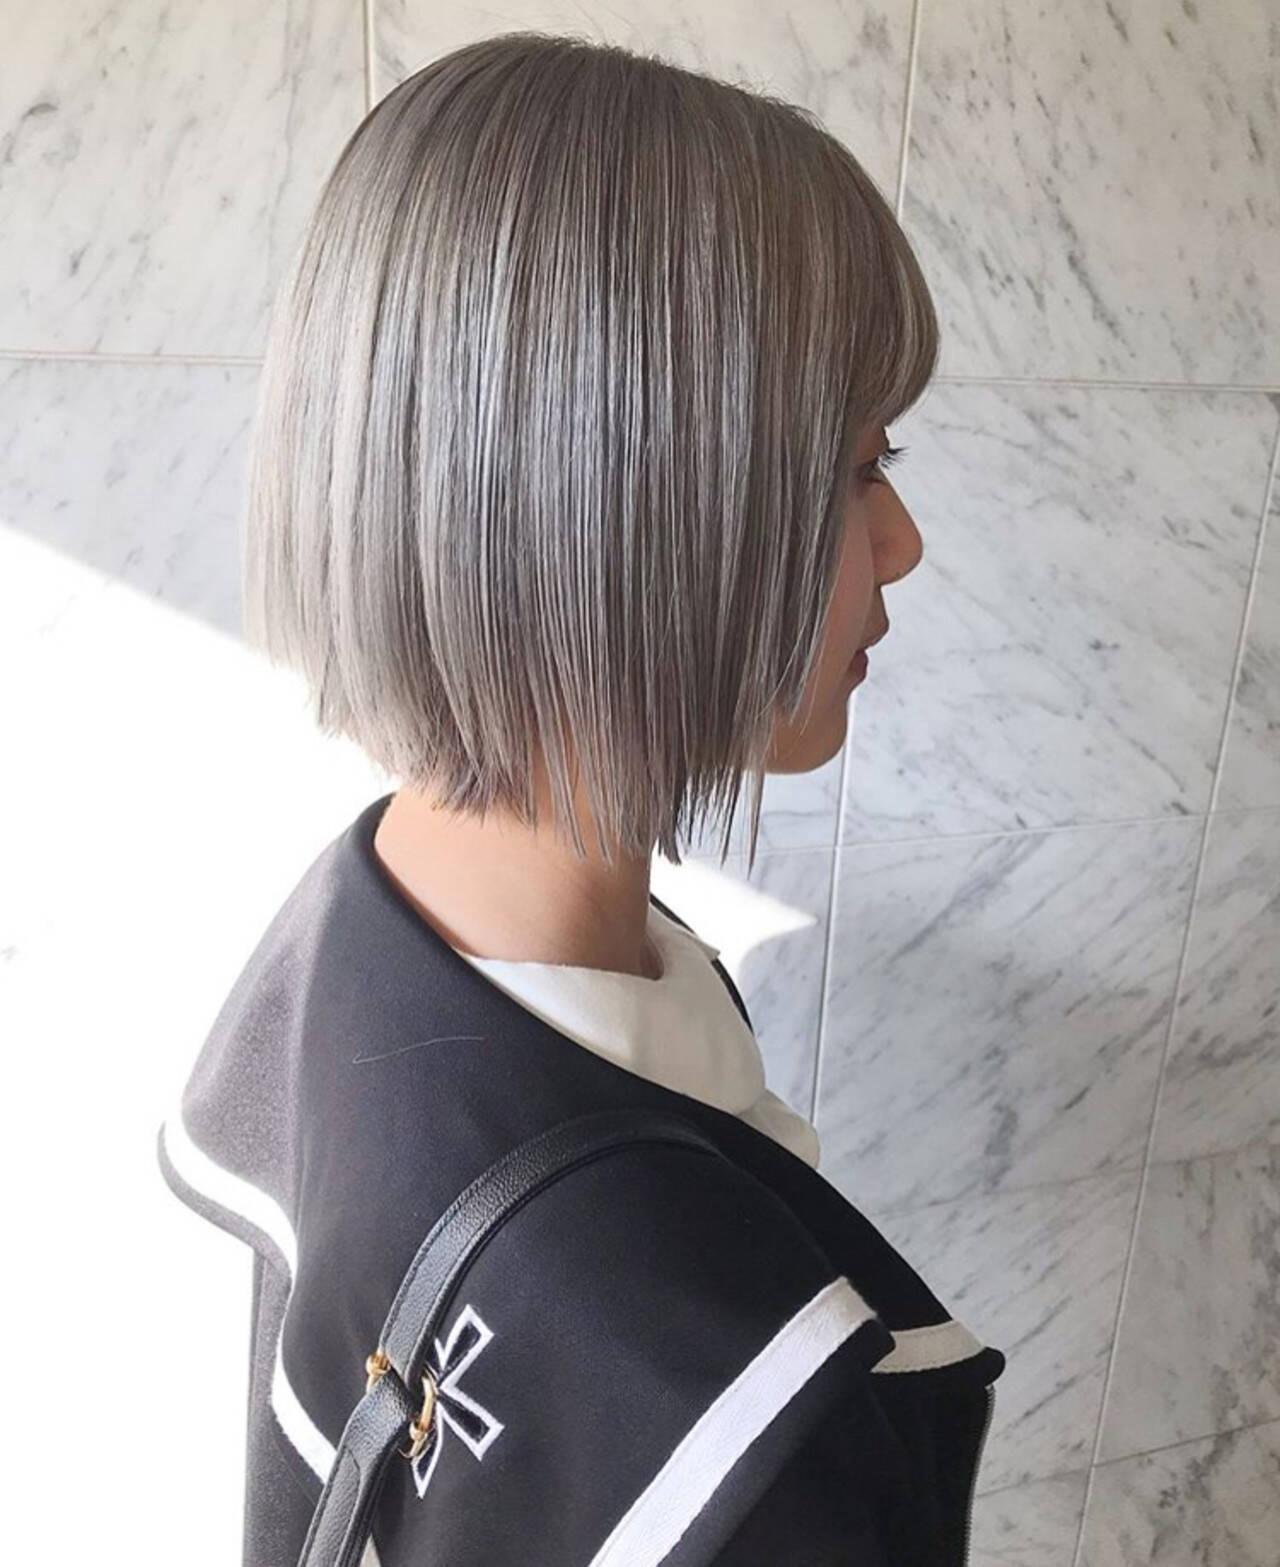 ハイトーン ブリーチ ボブ モードヘアスタイルや髪型の写真・画像